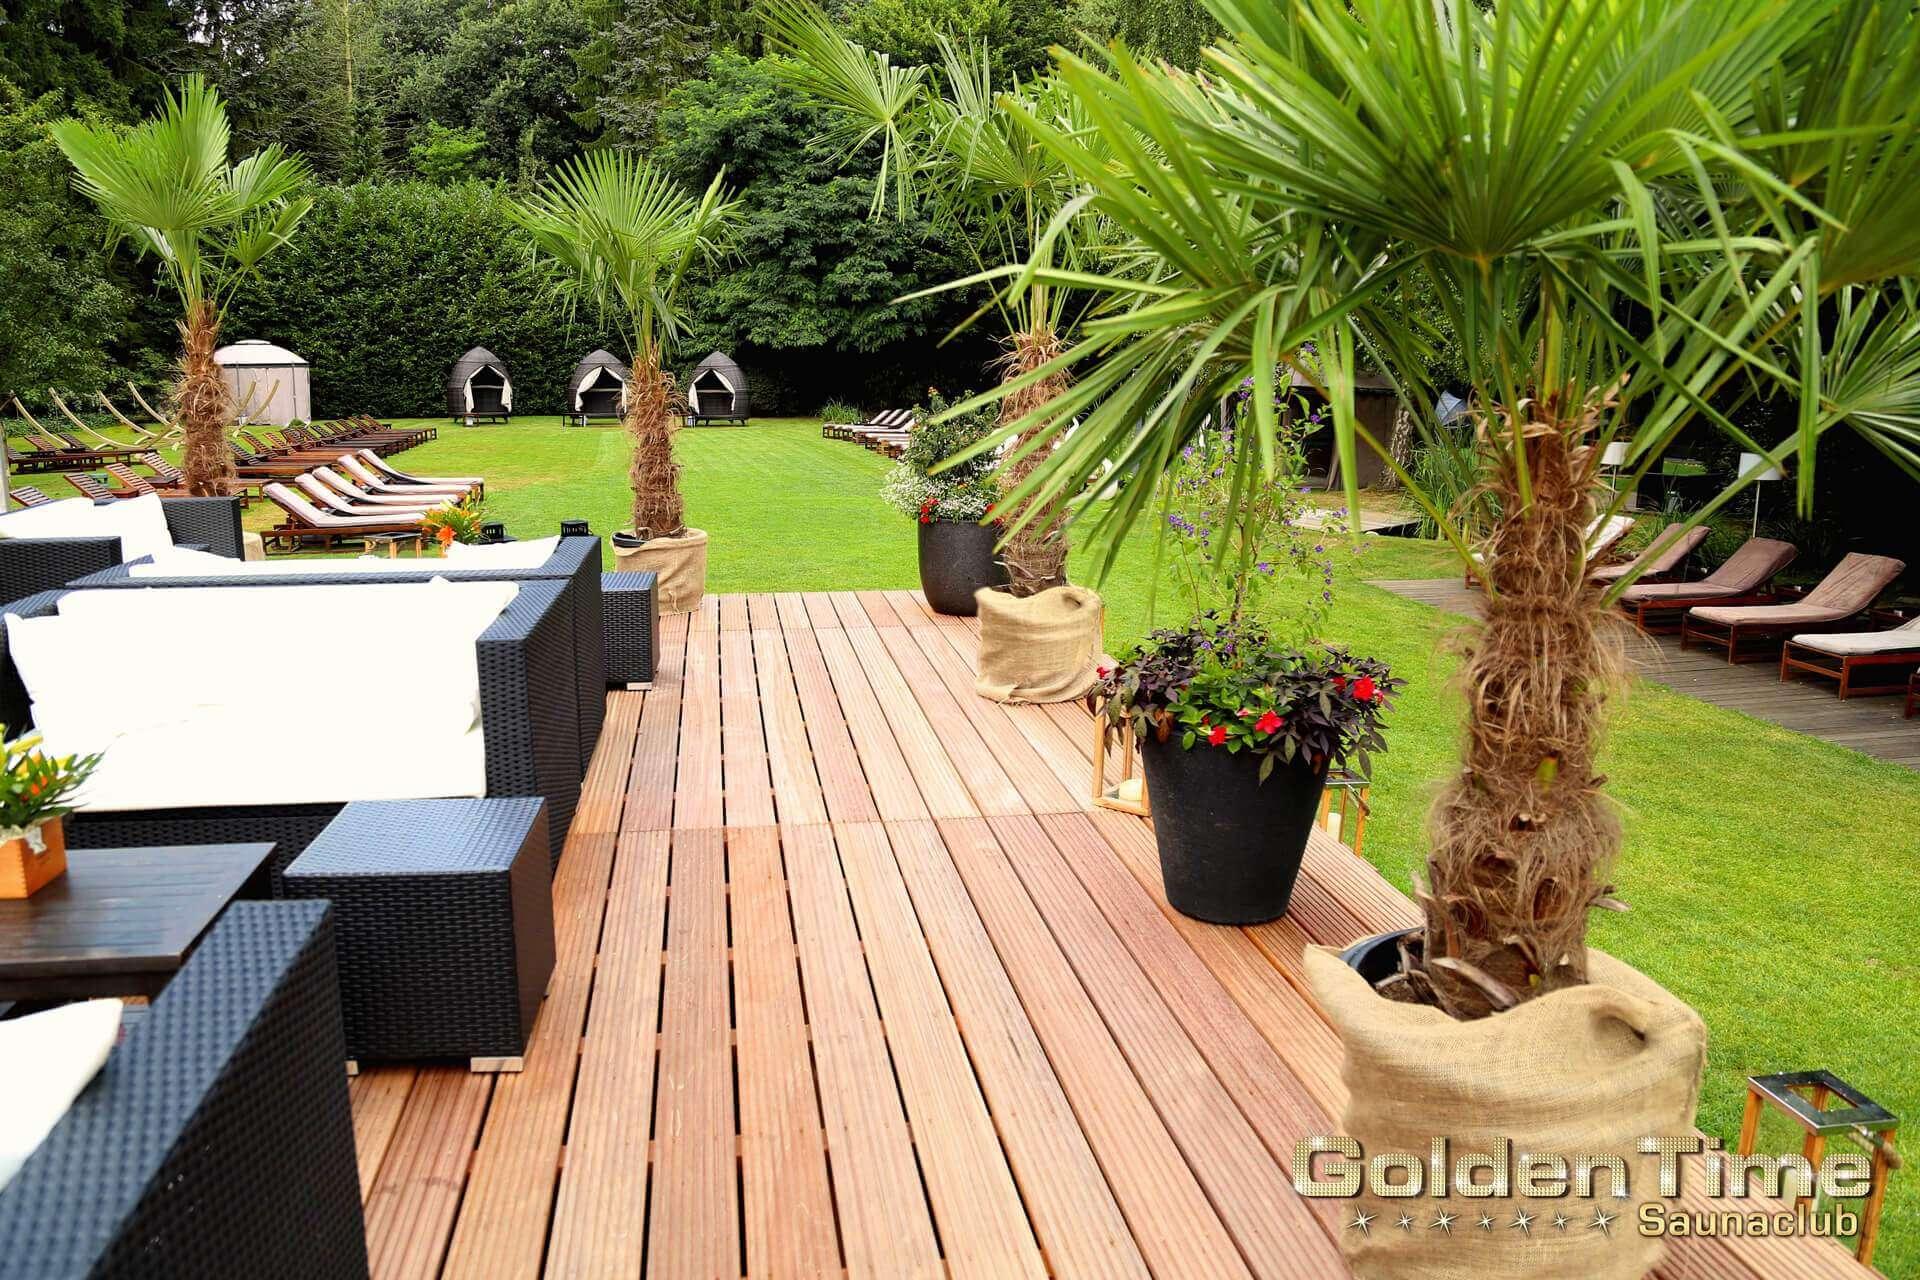 01-terrasse-wellnessbereich-pic-01-goldentime.saunaclub.jpg